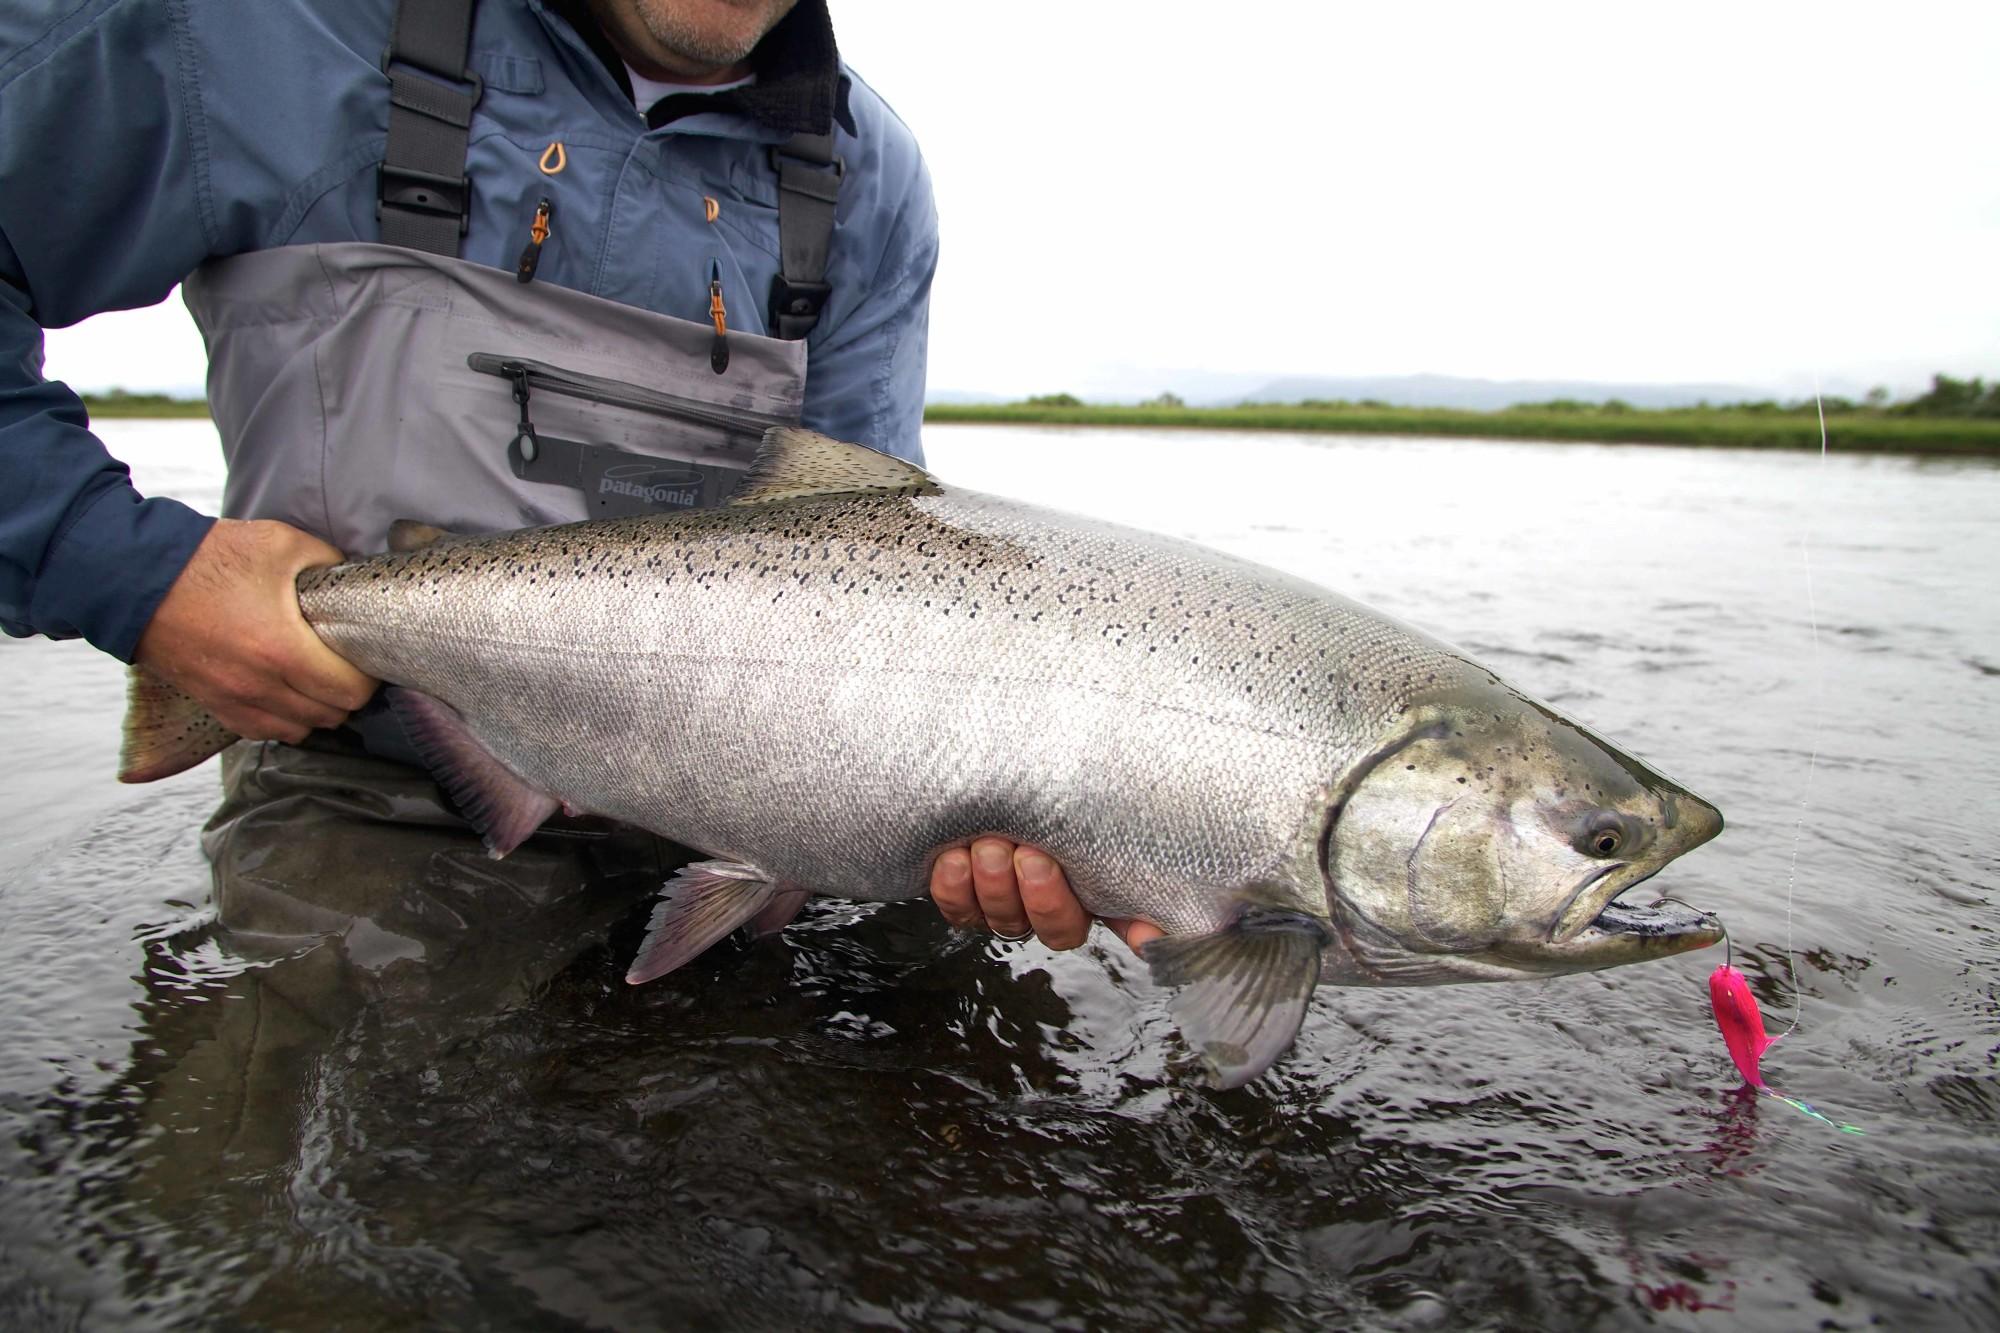 Fliegenfischen auf Königslachs in Alaska - solche Lachse sind beim Fischen auf den Aleuten normal! Foto: M. Werner